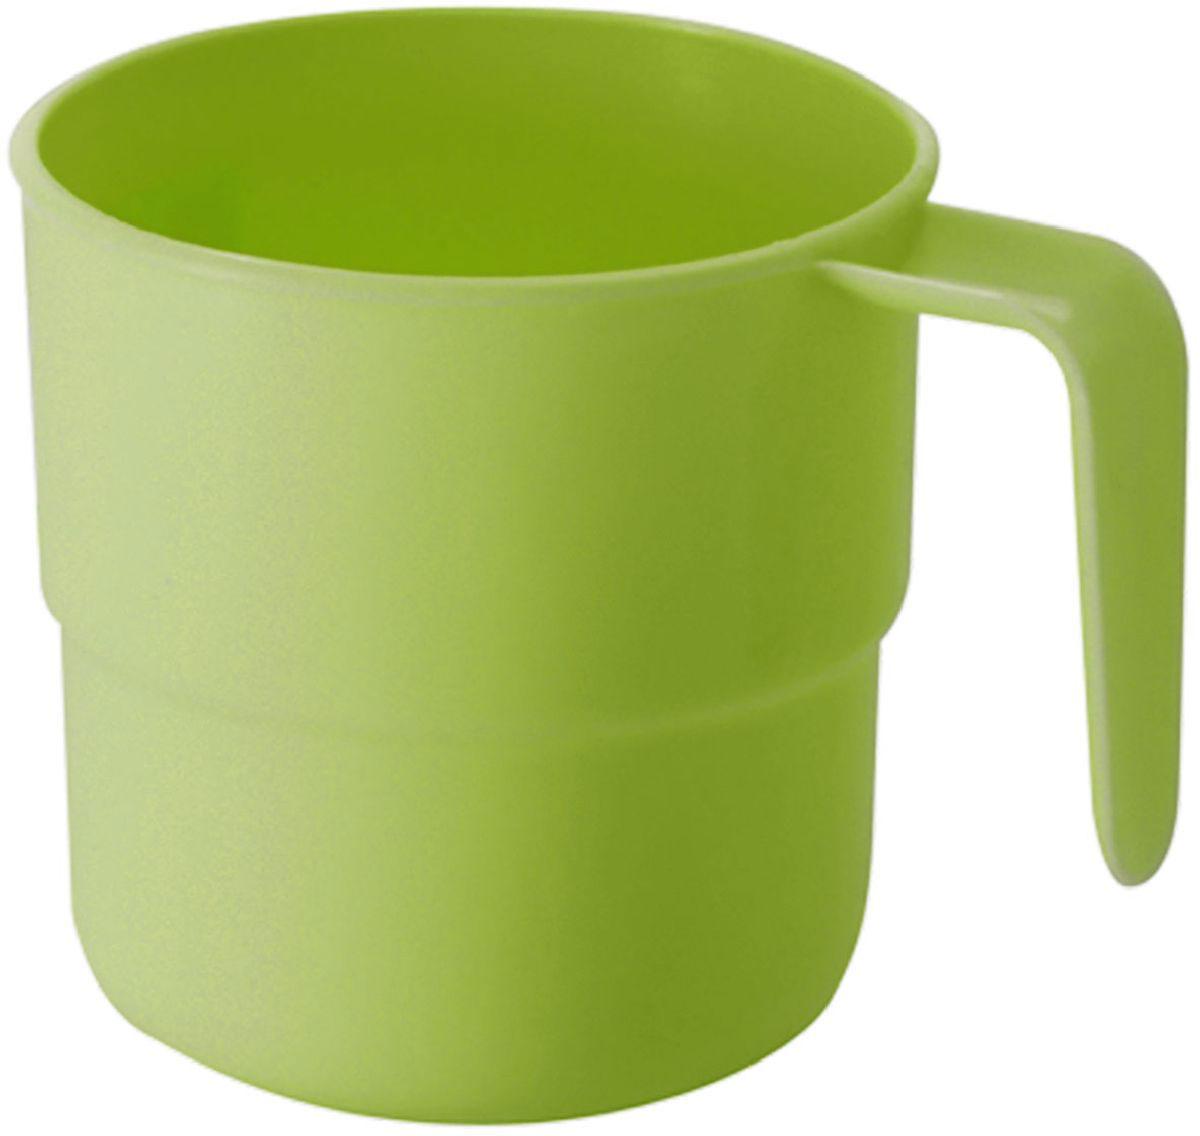 Кружка Plastic Centre, цвет: светло-зеленый, 250 мл68/5/4Кружка кемпинговая прекрасно подойдет для дачи, пикника или поездки в поезде. Легкую кружку удобно взять с собой на природу. Прочный пластик подходит для многократного использования.Объем кружки: 250 мл.Размер кружки: 10,5 х 8 см.